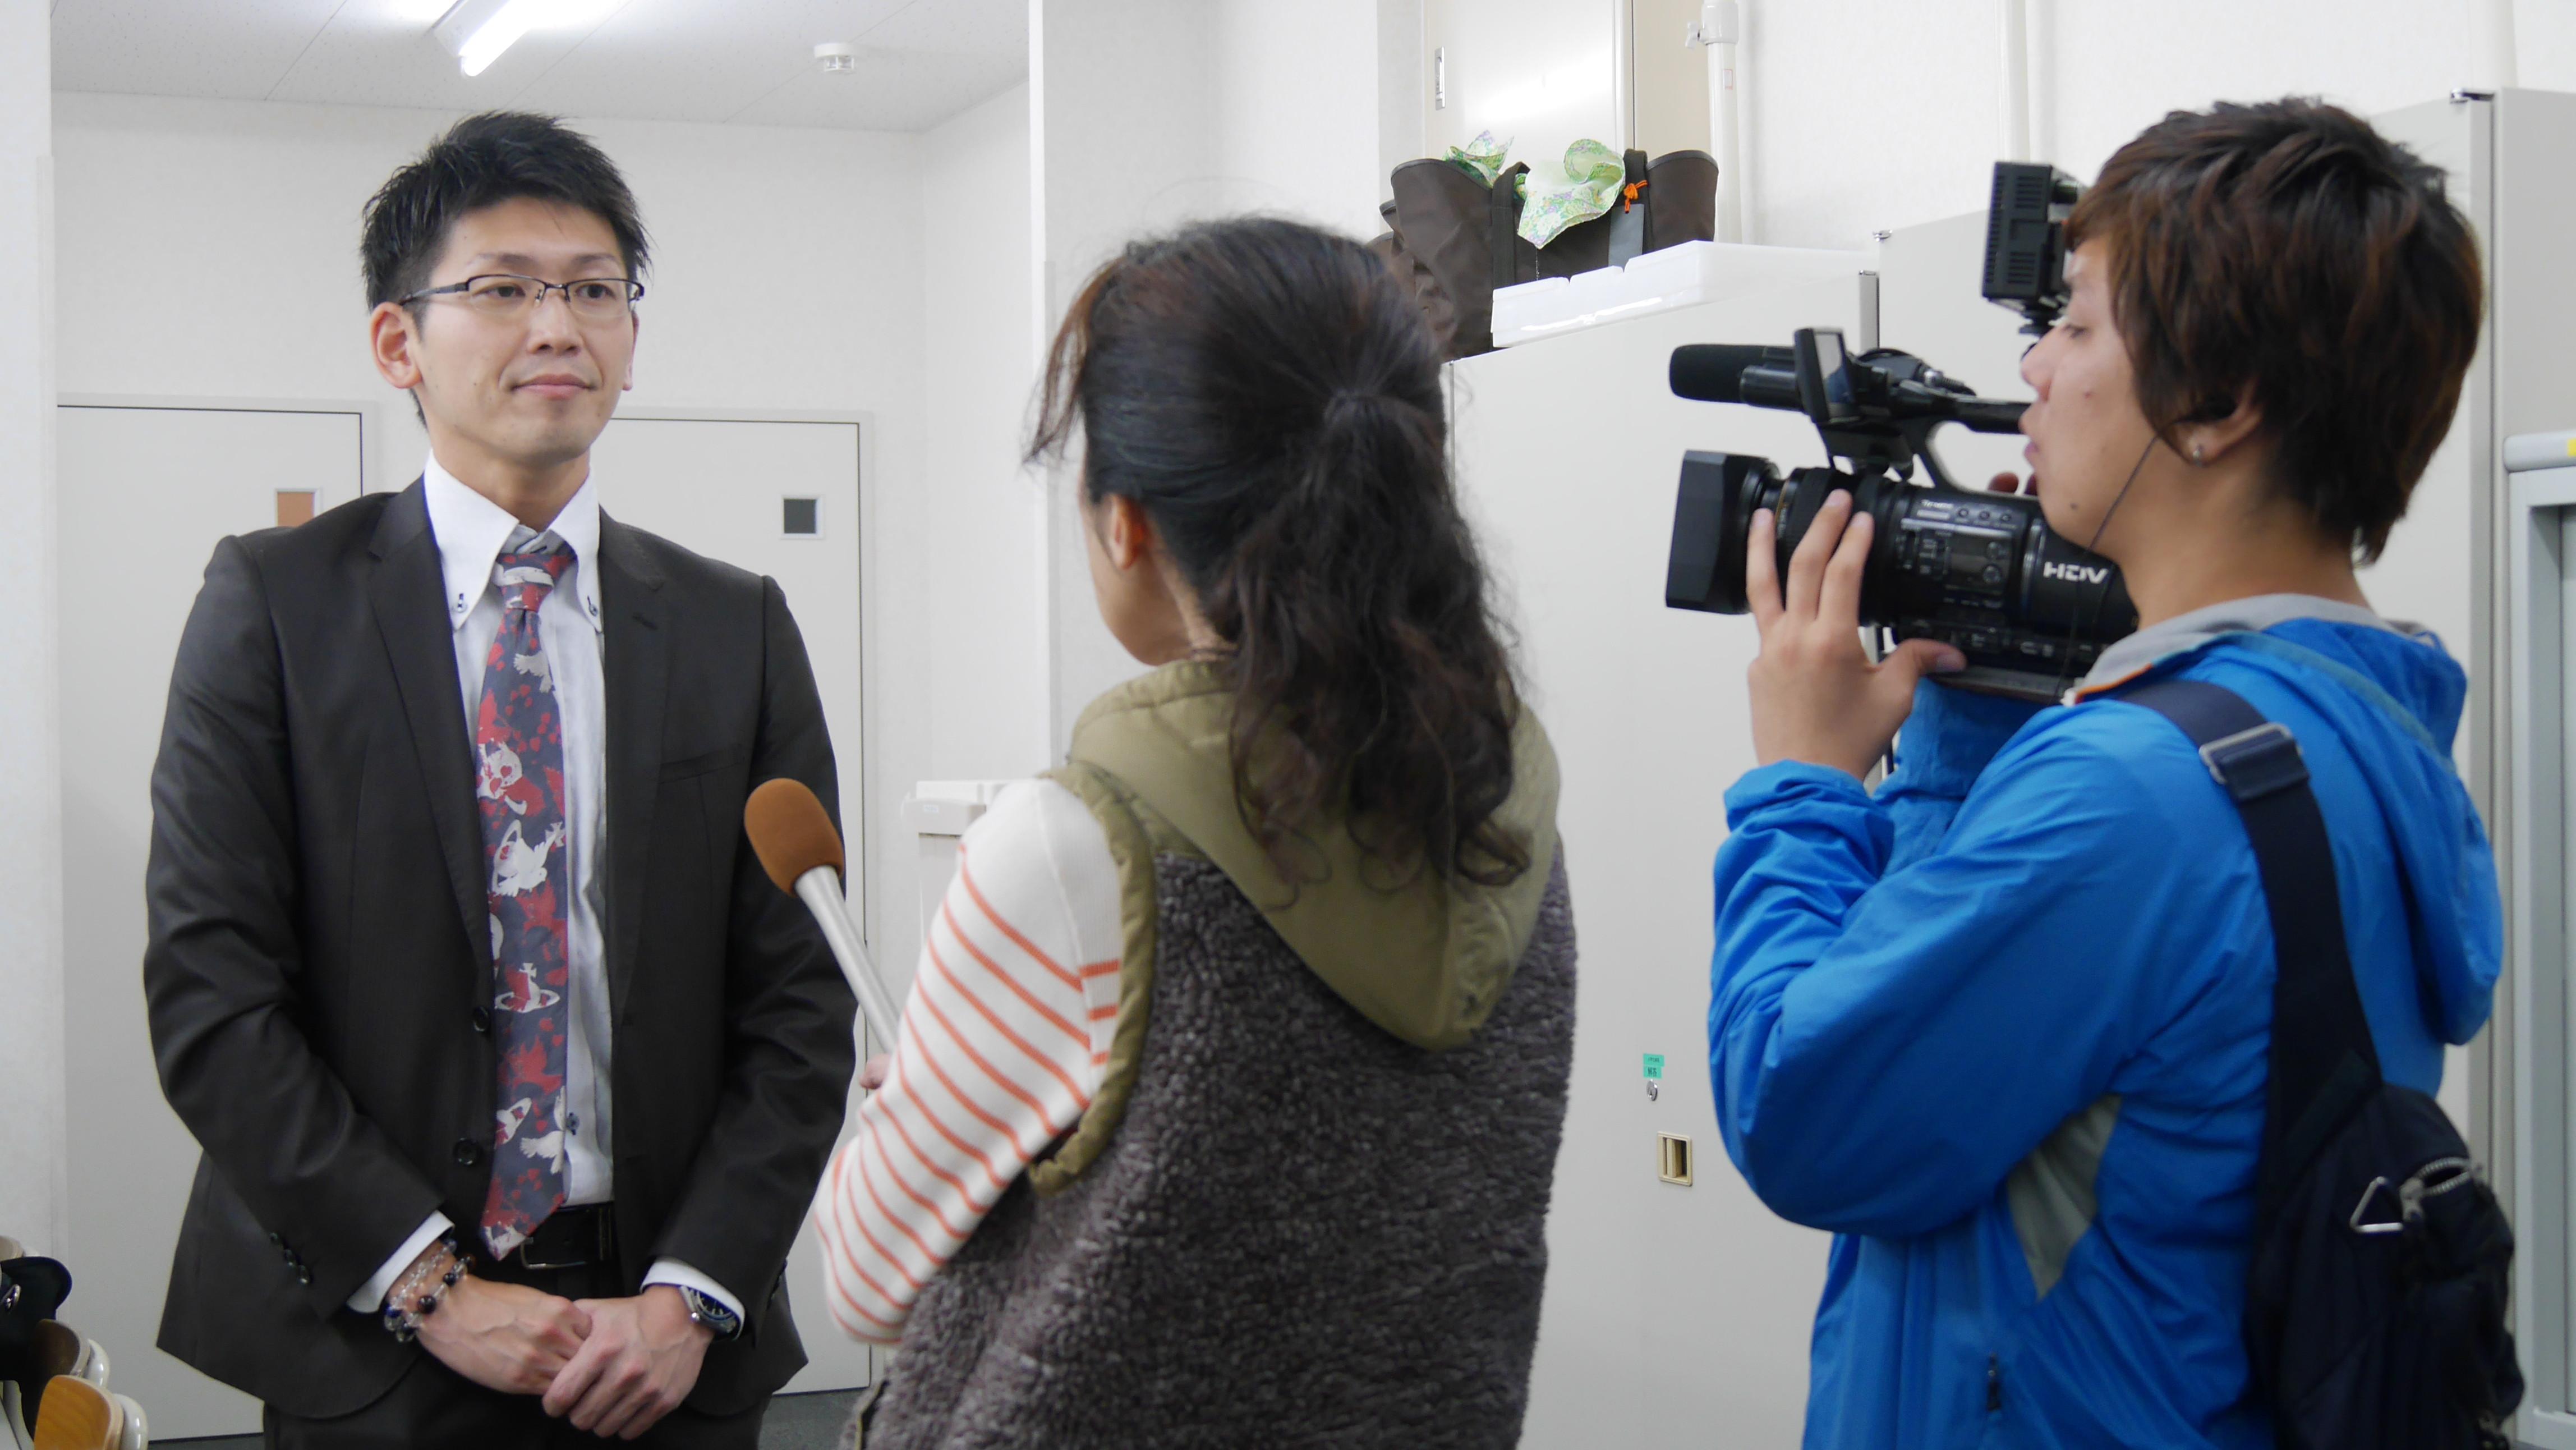 ニュースKECゼミナールがテレビ取材を受けました